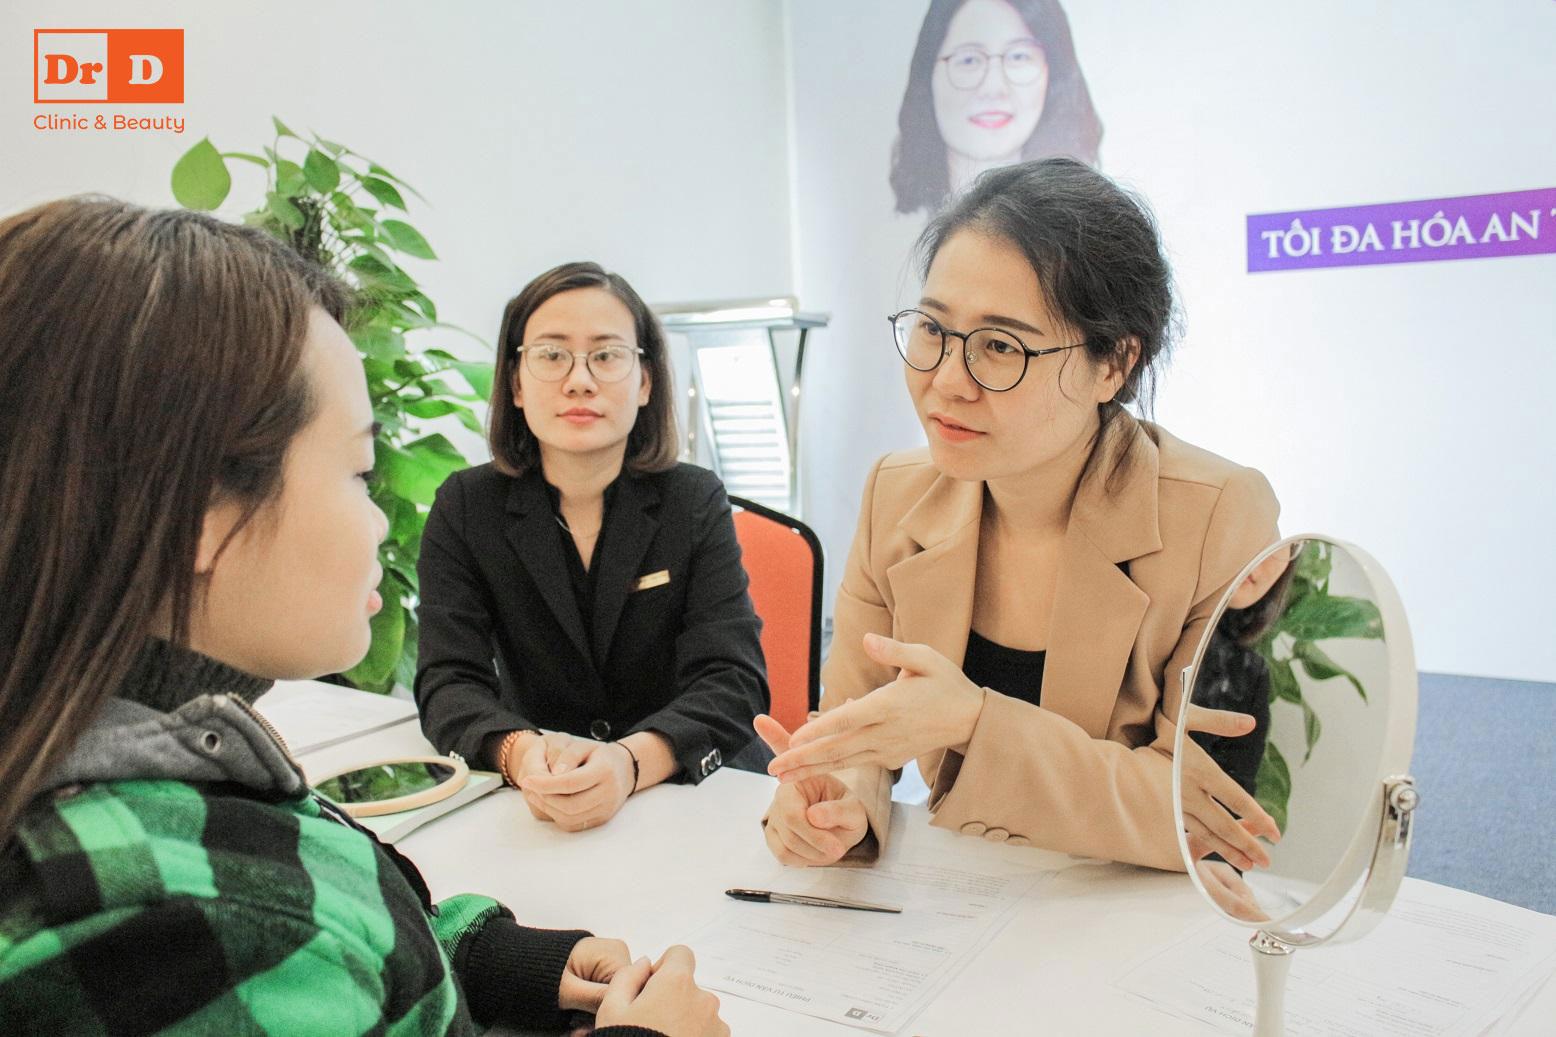 Bác sĩ Hồng Vân trực tiếp tư vấn cho các khách hàng trong sự kiện